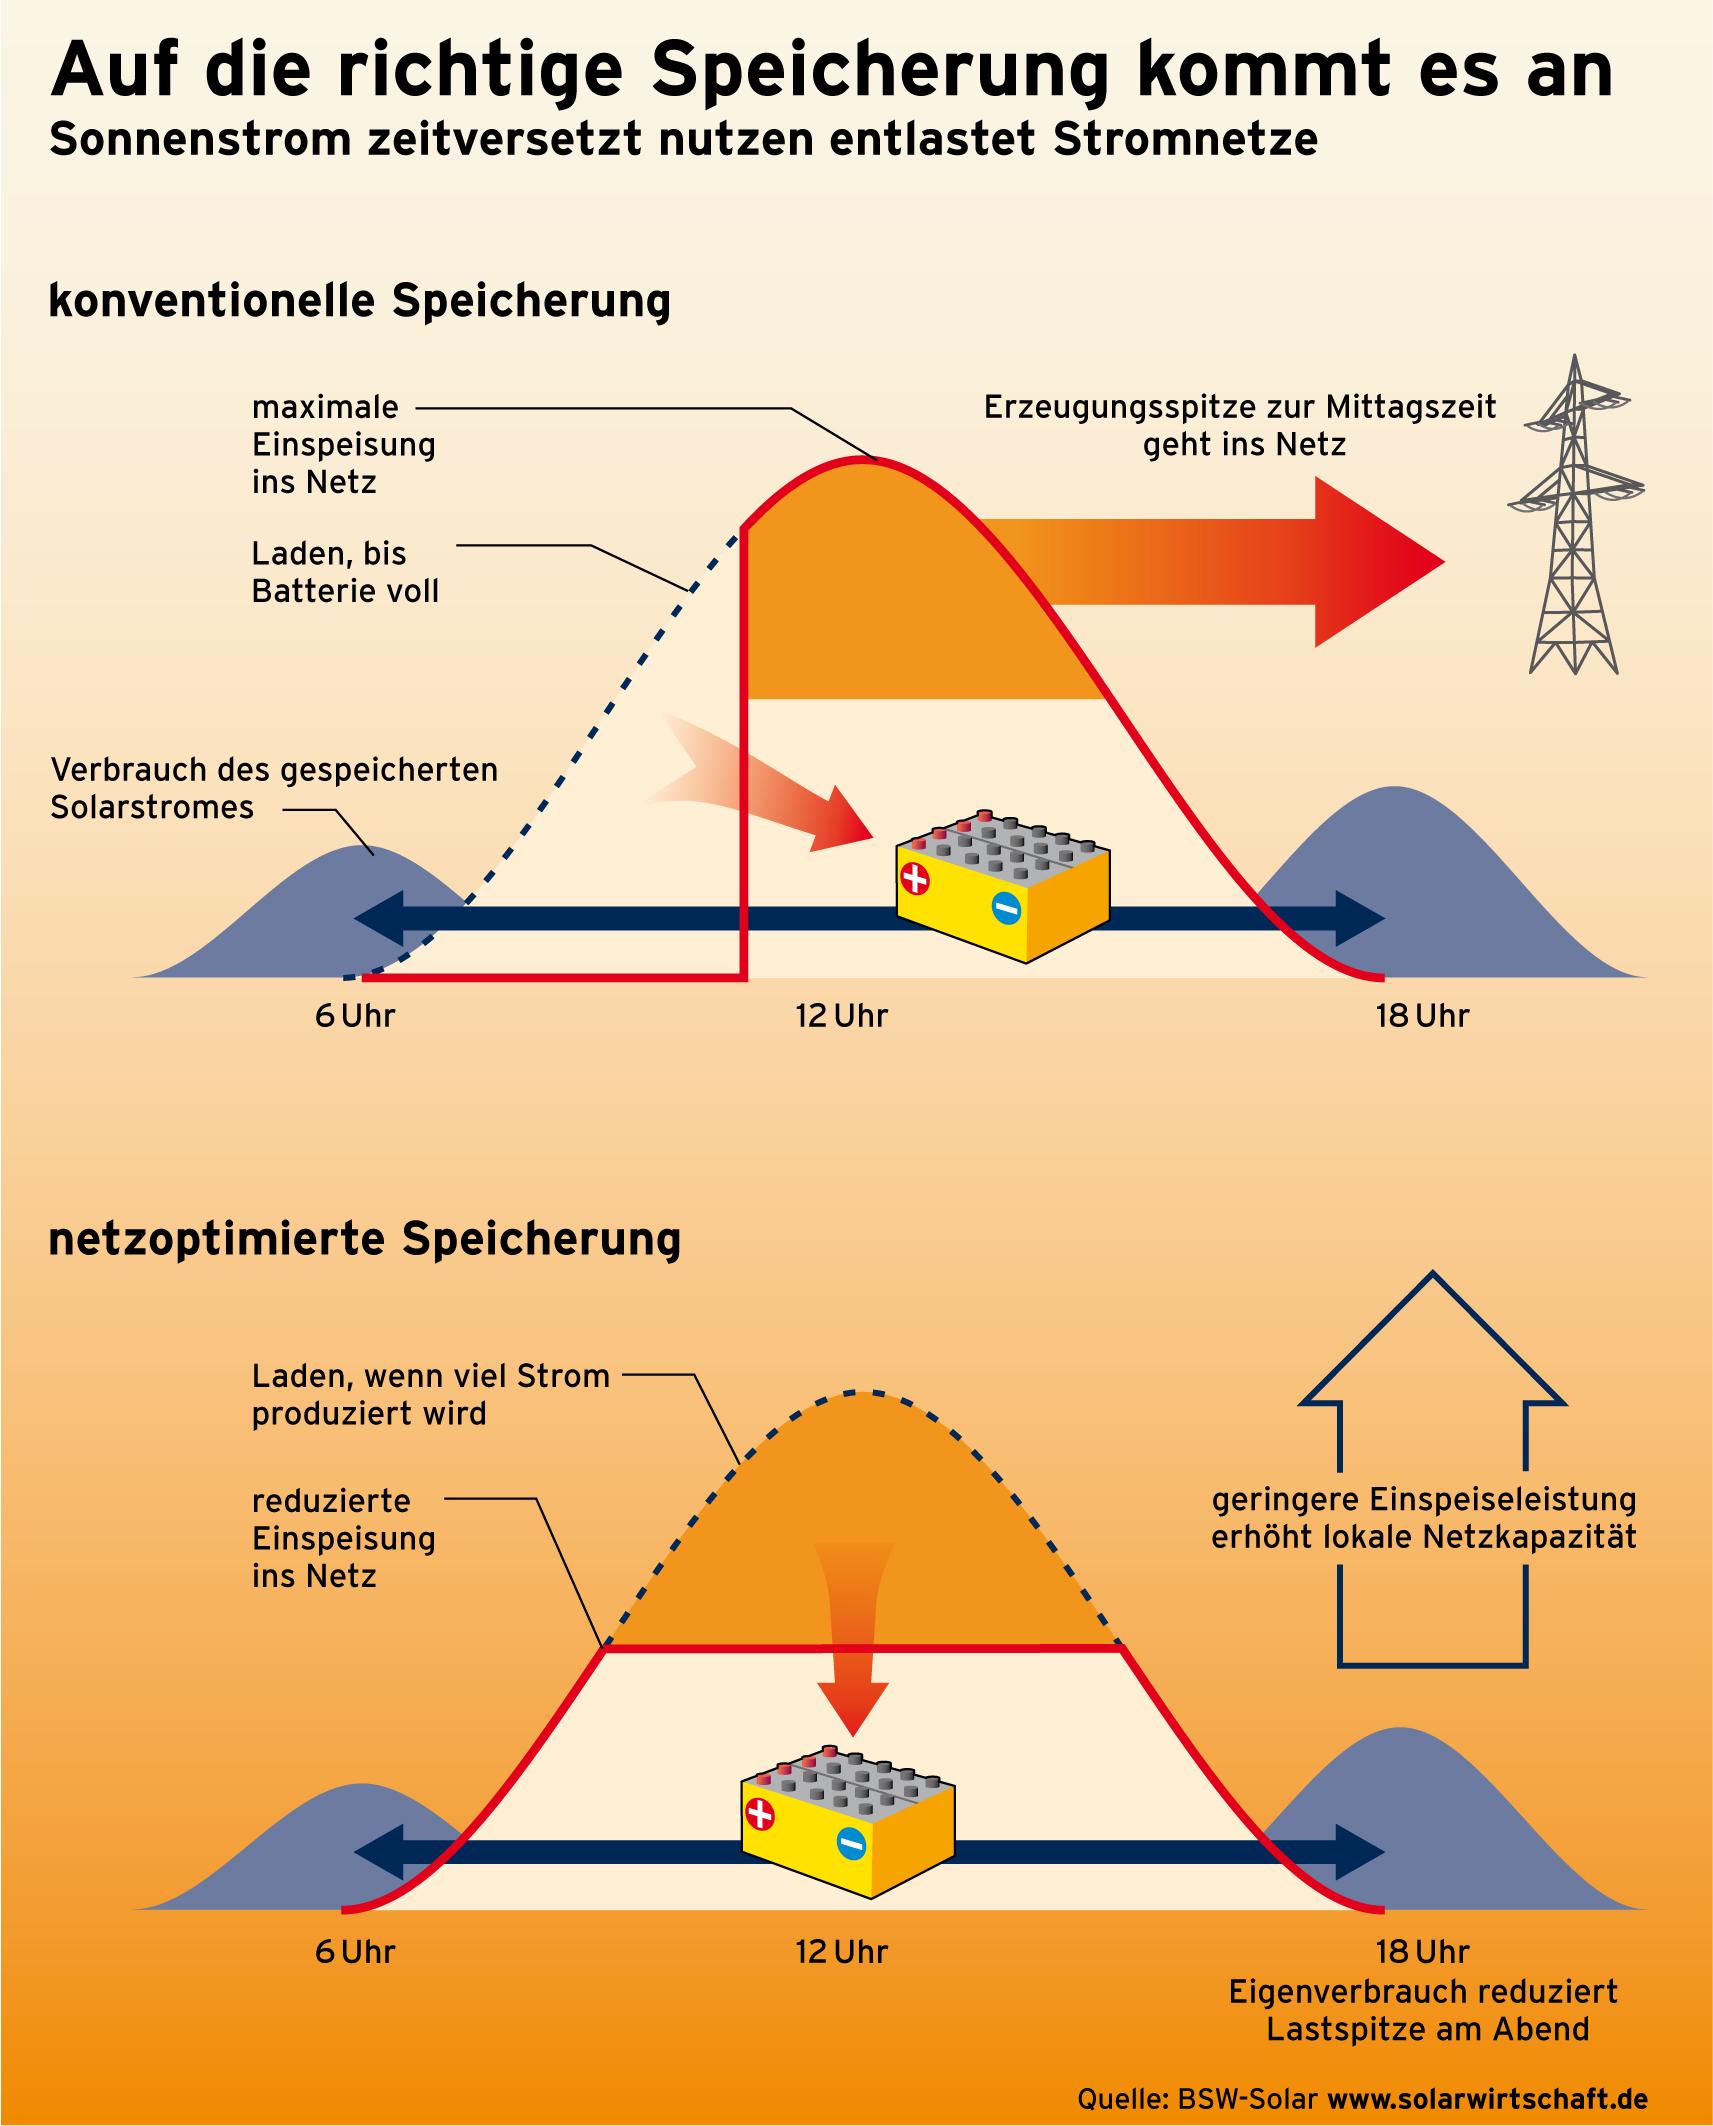 infografiken bsw solar bundesverband solarwirtschaft e v. Black Bedroom Furniture Sets. Home Design Ideas